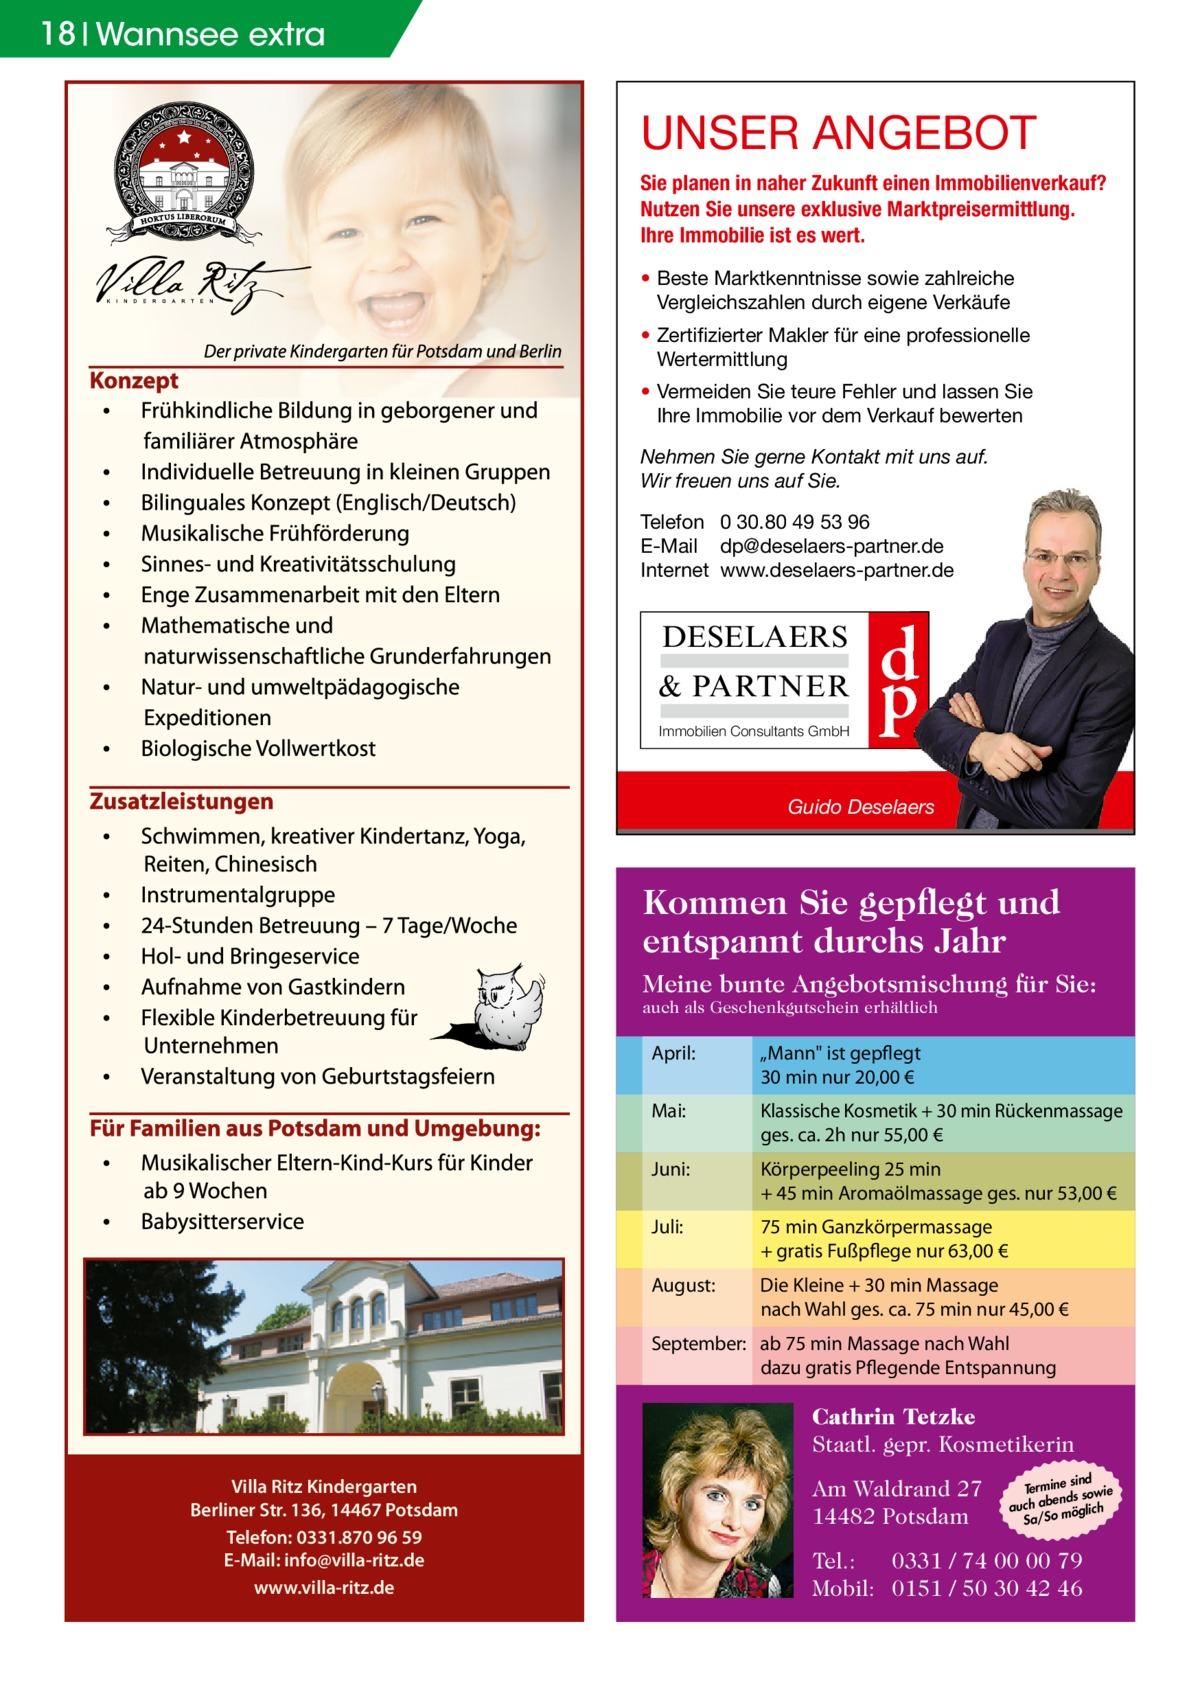 """18 Wannsee extra  UNSER ANGEBOT Sie planen in naher Zukunft einen Immobilienverkauf? Nutzen Sie unsere exklusive Marktpreisermittlung. Ihre Immobilie ist es wert. • Beste Marktkenntnisse sowie zahlreiche Vergleichszahlen durch eigene Verkäufe • Zertifizierter Makler für eine professionelle Wertermittlung • Vermeiden Sie teure Fehler und lassen Sie Ihre Immobilie vor dem Verkauf bewerten Nehmen Sie gerne Kontakt mit uns auf. Wir freuen uns auf Sie. Telefon 0 30.80 49 53 96 E-Mail dp@deselaers-partner.de Internet www.deselaers-partner.de  DESELAERS & PARTNER Immobilien Consultants GmbH  d p  Guido Deselaers  Kommen Sie gepflegt und entspannt durchs Jahr Meine bunte Angebotsmischung für Sie: auch als Geschenkgutschein erhältlich  April:  """"Mann ist gepflegt 30 min nur 20,00 €  Mai:  Klassische Kosmetik + 30 min Rückenmassage ges. ca. 2h nur 55,00 €  Juni:  Körperpeeling 25 min + 45 min Aromaölmassage ges. nur 53,00 €  Juli:  75 min Ganzkörpermassage + gratis Fußpflege nur 63,00 €  August:  Die Kleine + 30 min Massage nach Wahl ges. ca. 75 min nur 45,00 €  September: ab 75 min Massage nach Wahl dazu gratis Pflegende Entspannung  Cathrin Tetzke Staatl. gepr. Kosmetikerin Villa Ritz Kindergarten Berliner Str. 136, 14467 Potsdam Telefon: 0331.870 96 59 E-Mail: info@villa-ritz.de www.villa-ritz.de  Am Waldrand 27 14482 Potsdam  sind Termine sowie ends auch ab möglich o Sa/S  Tel.: 0331 / 74 00 00 79 Mobil: 0151 / 50 30 42 46"""